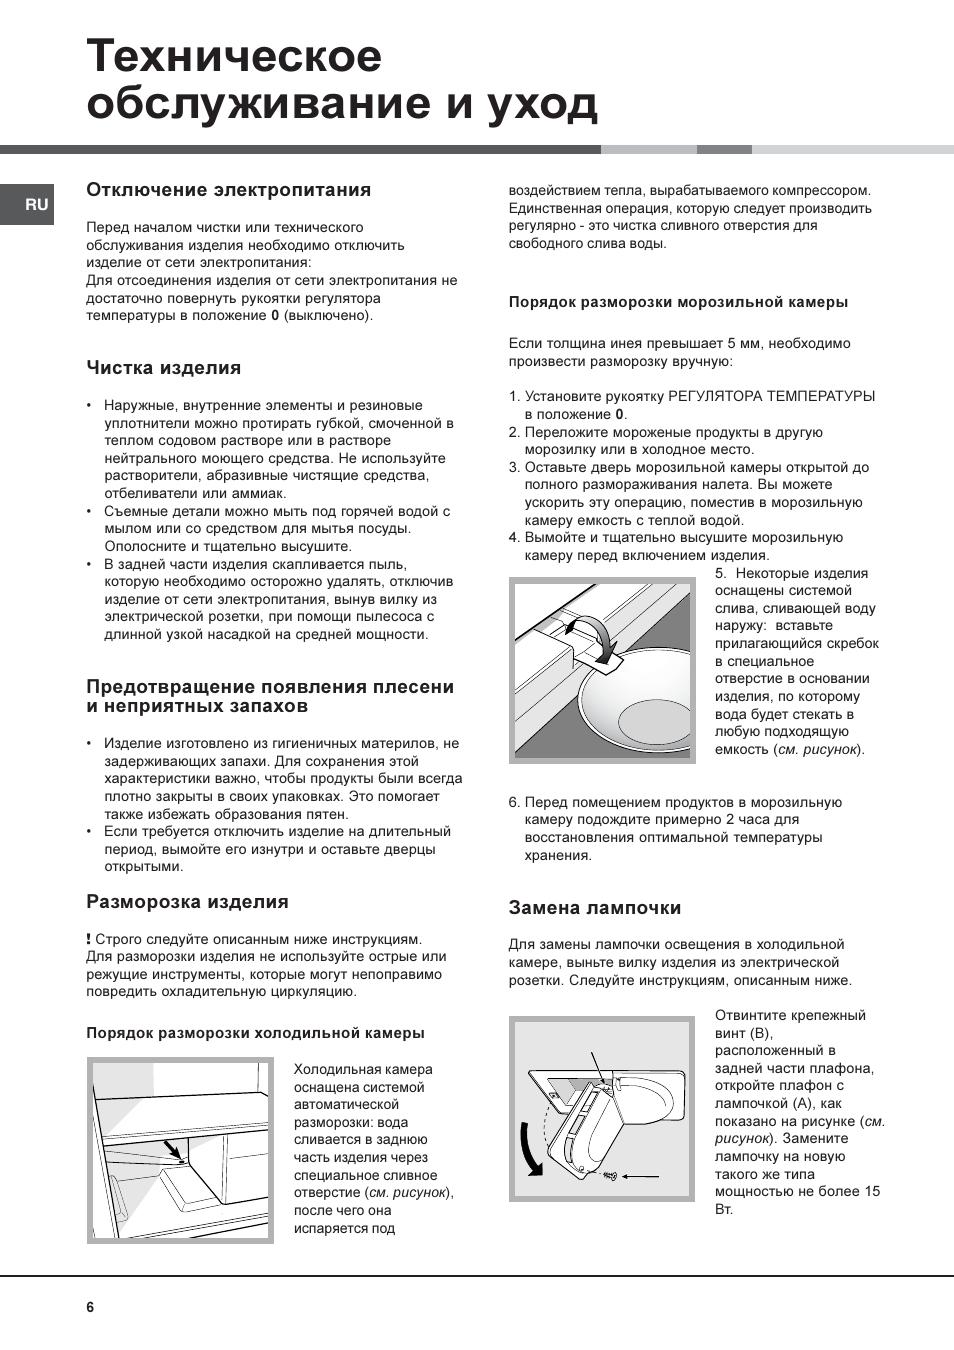 инструкция и техническое обслуживание автомобиля мл 163